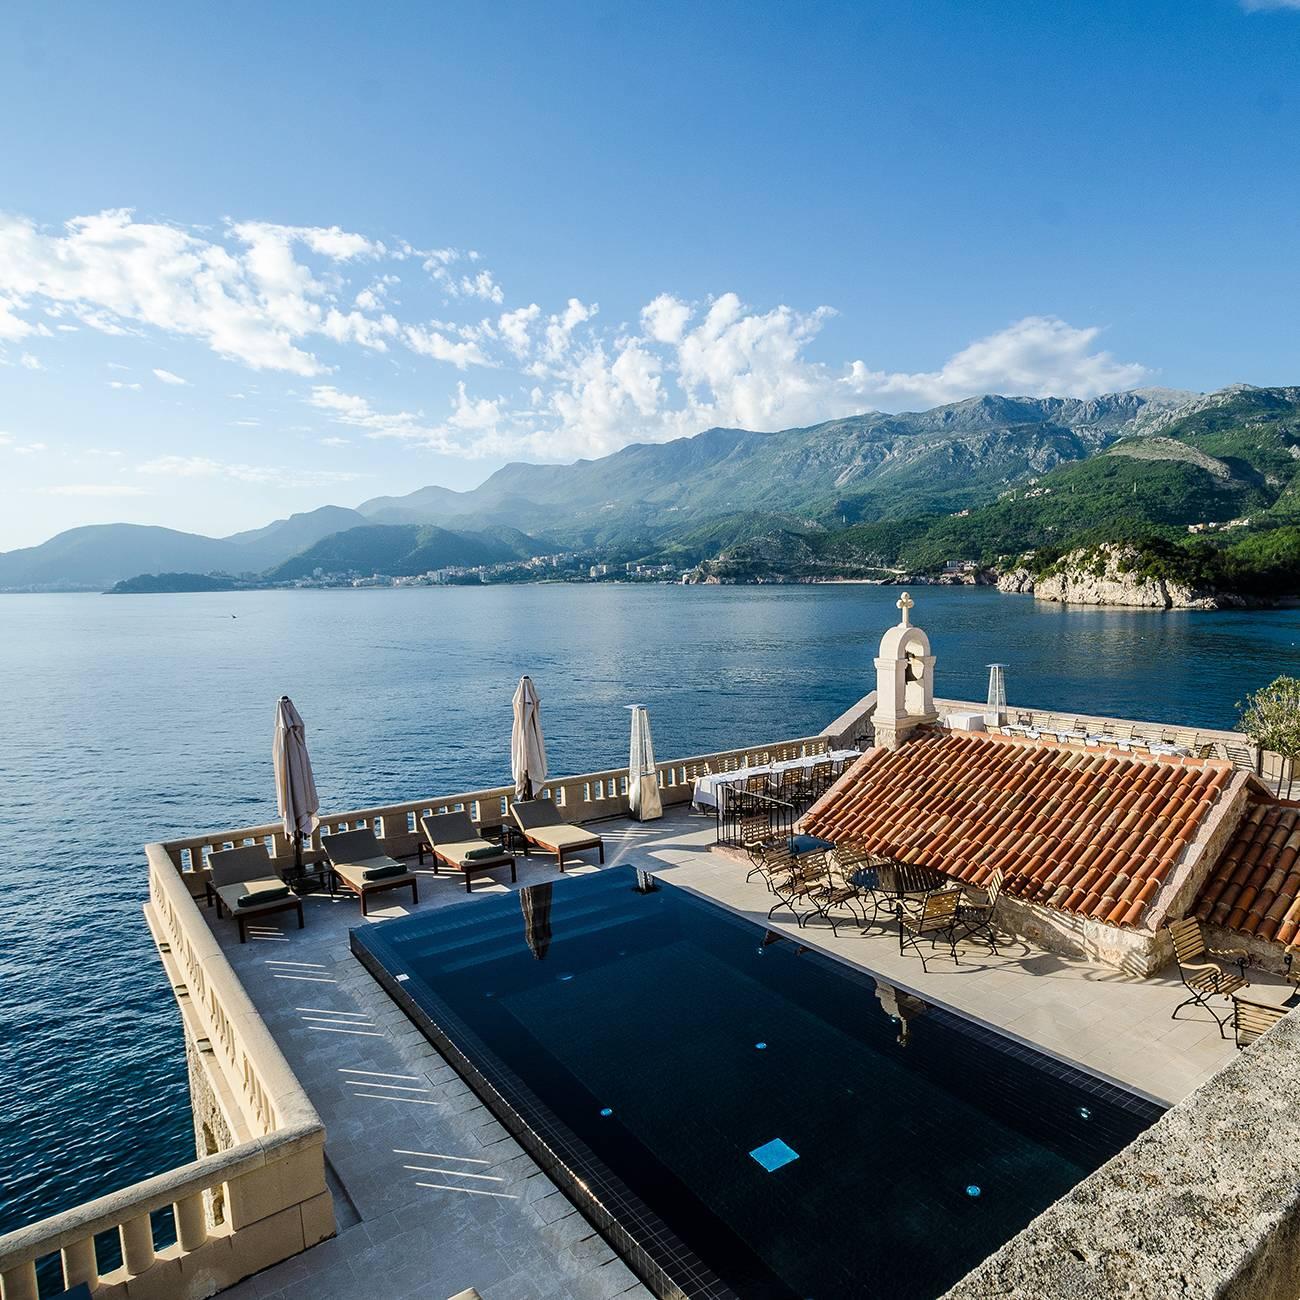 Цены на туры на отдых в Черногории